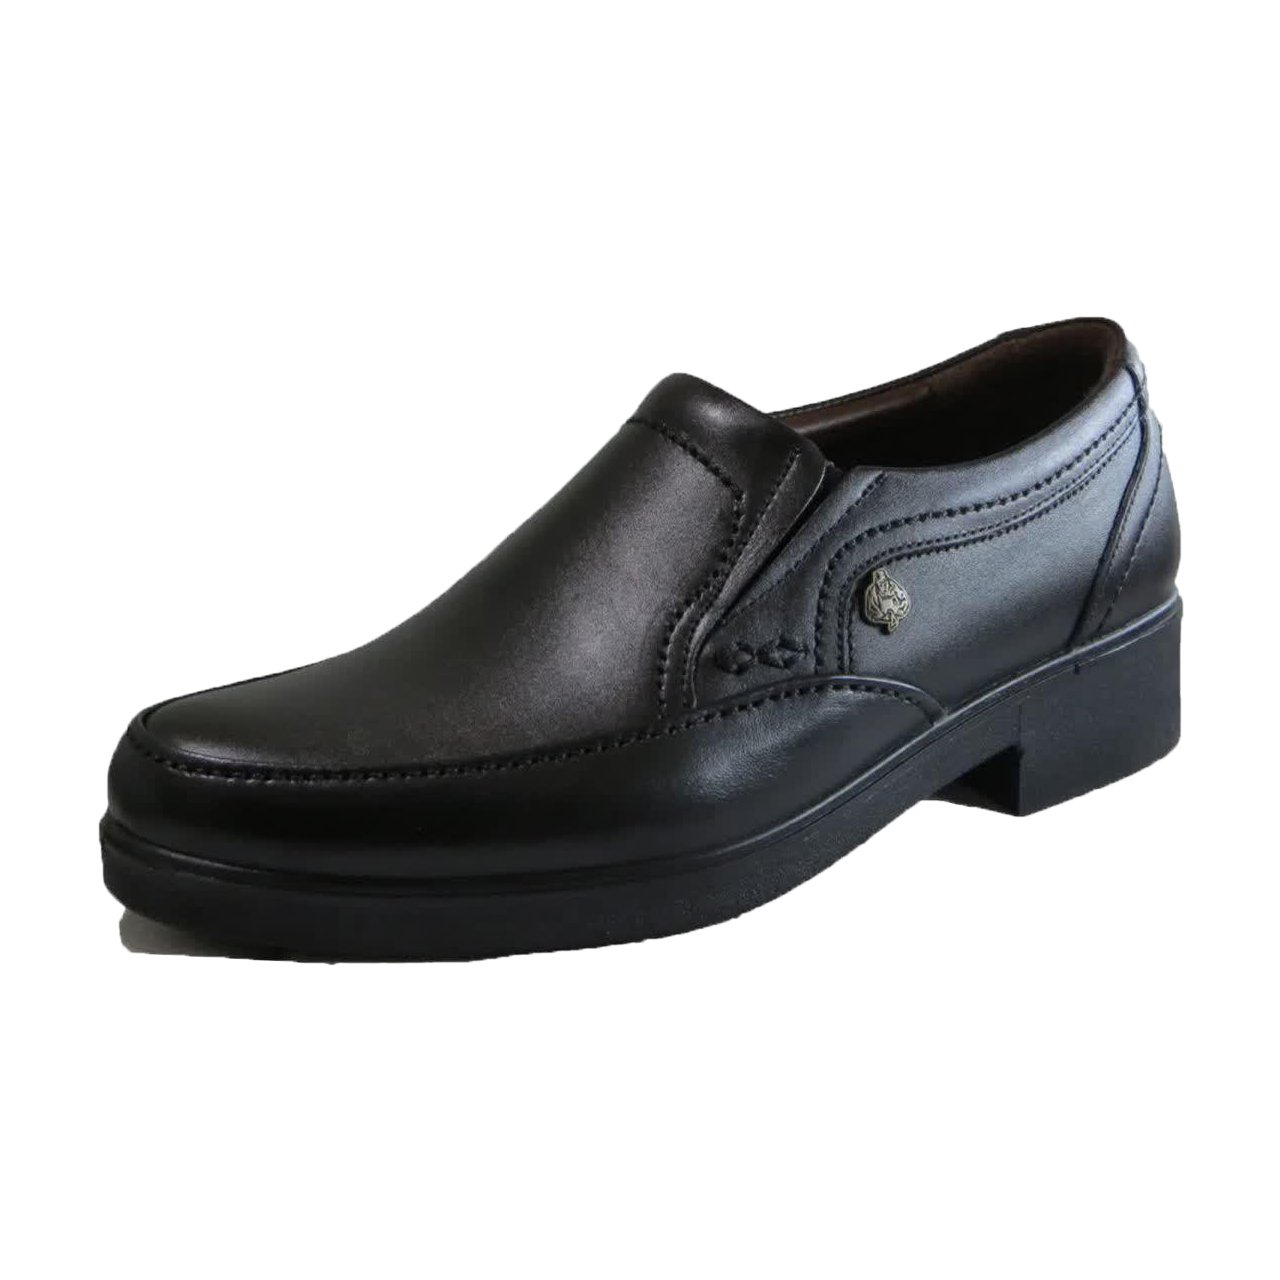 کفش مردانه مجلسی مدل T10 مشکی